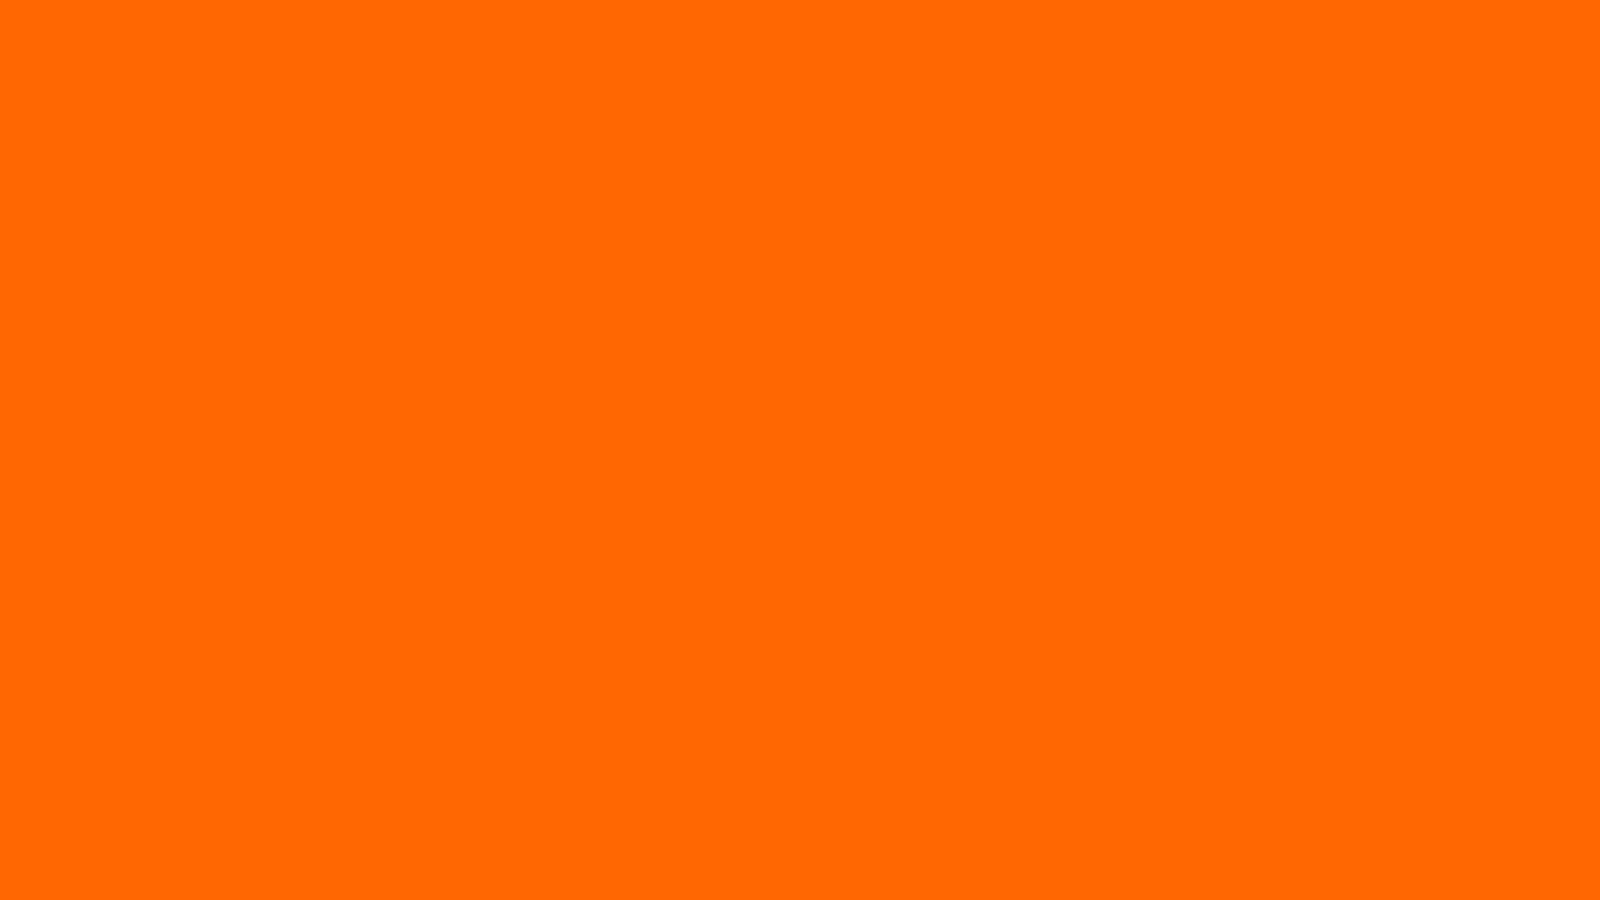 1600x900 Safety Orange Blaze Orange Solid Color Background